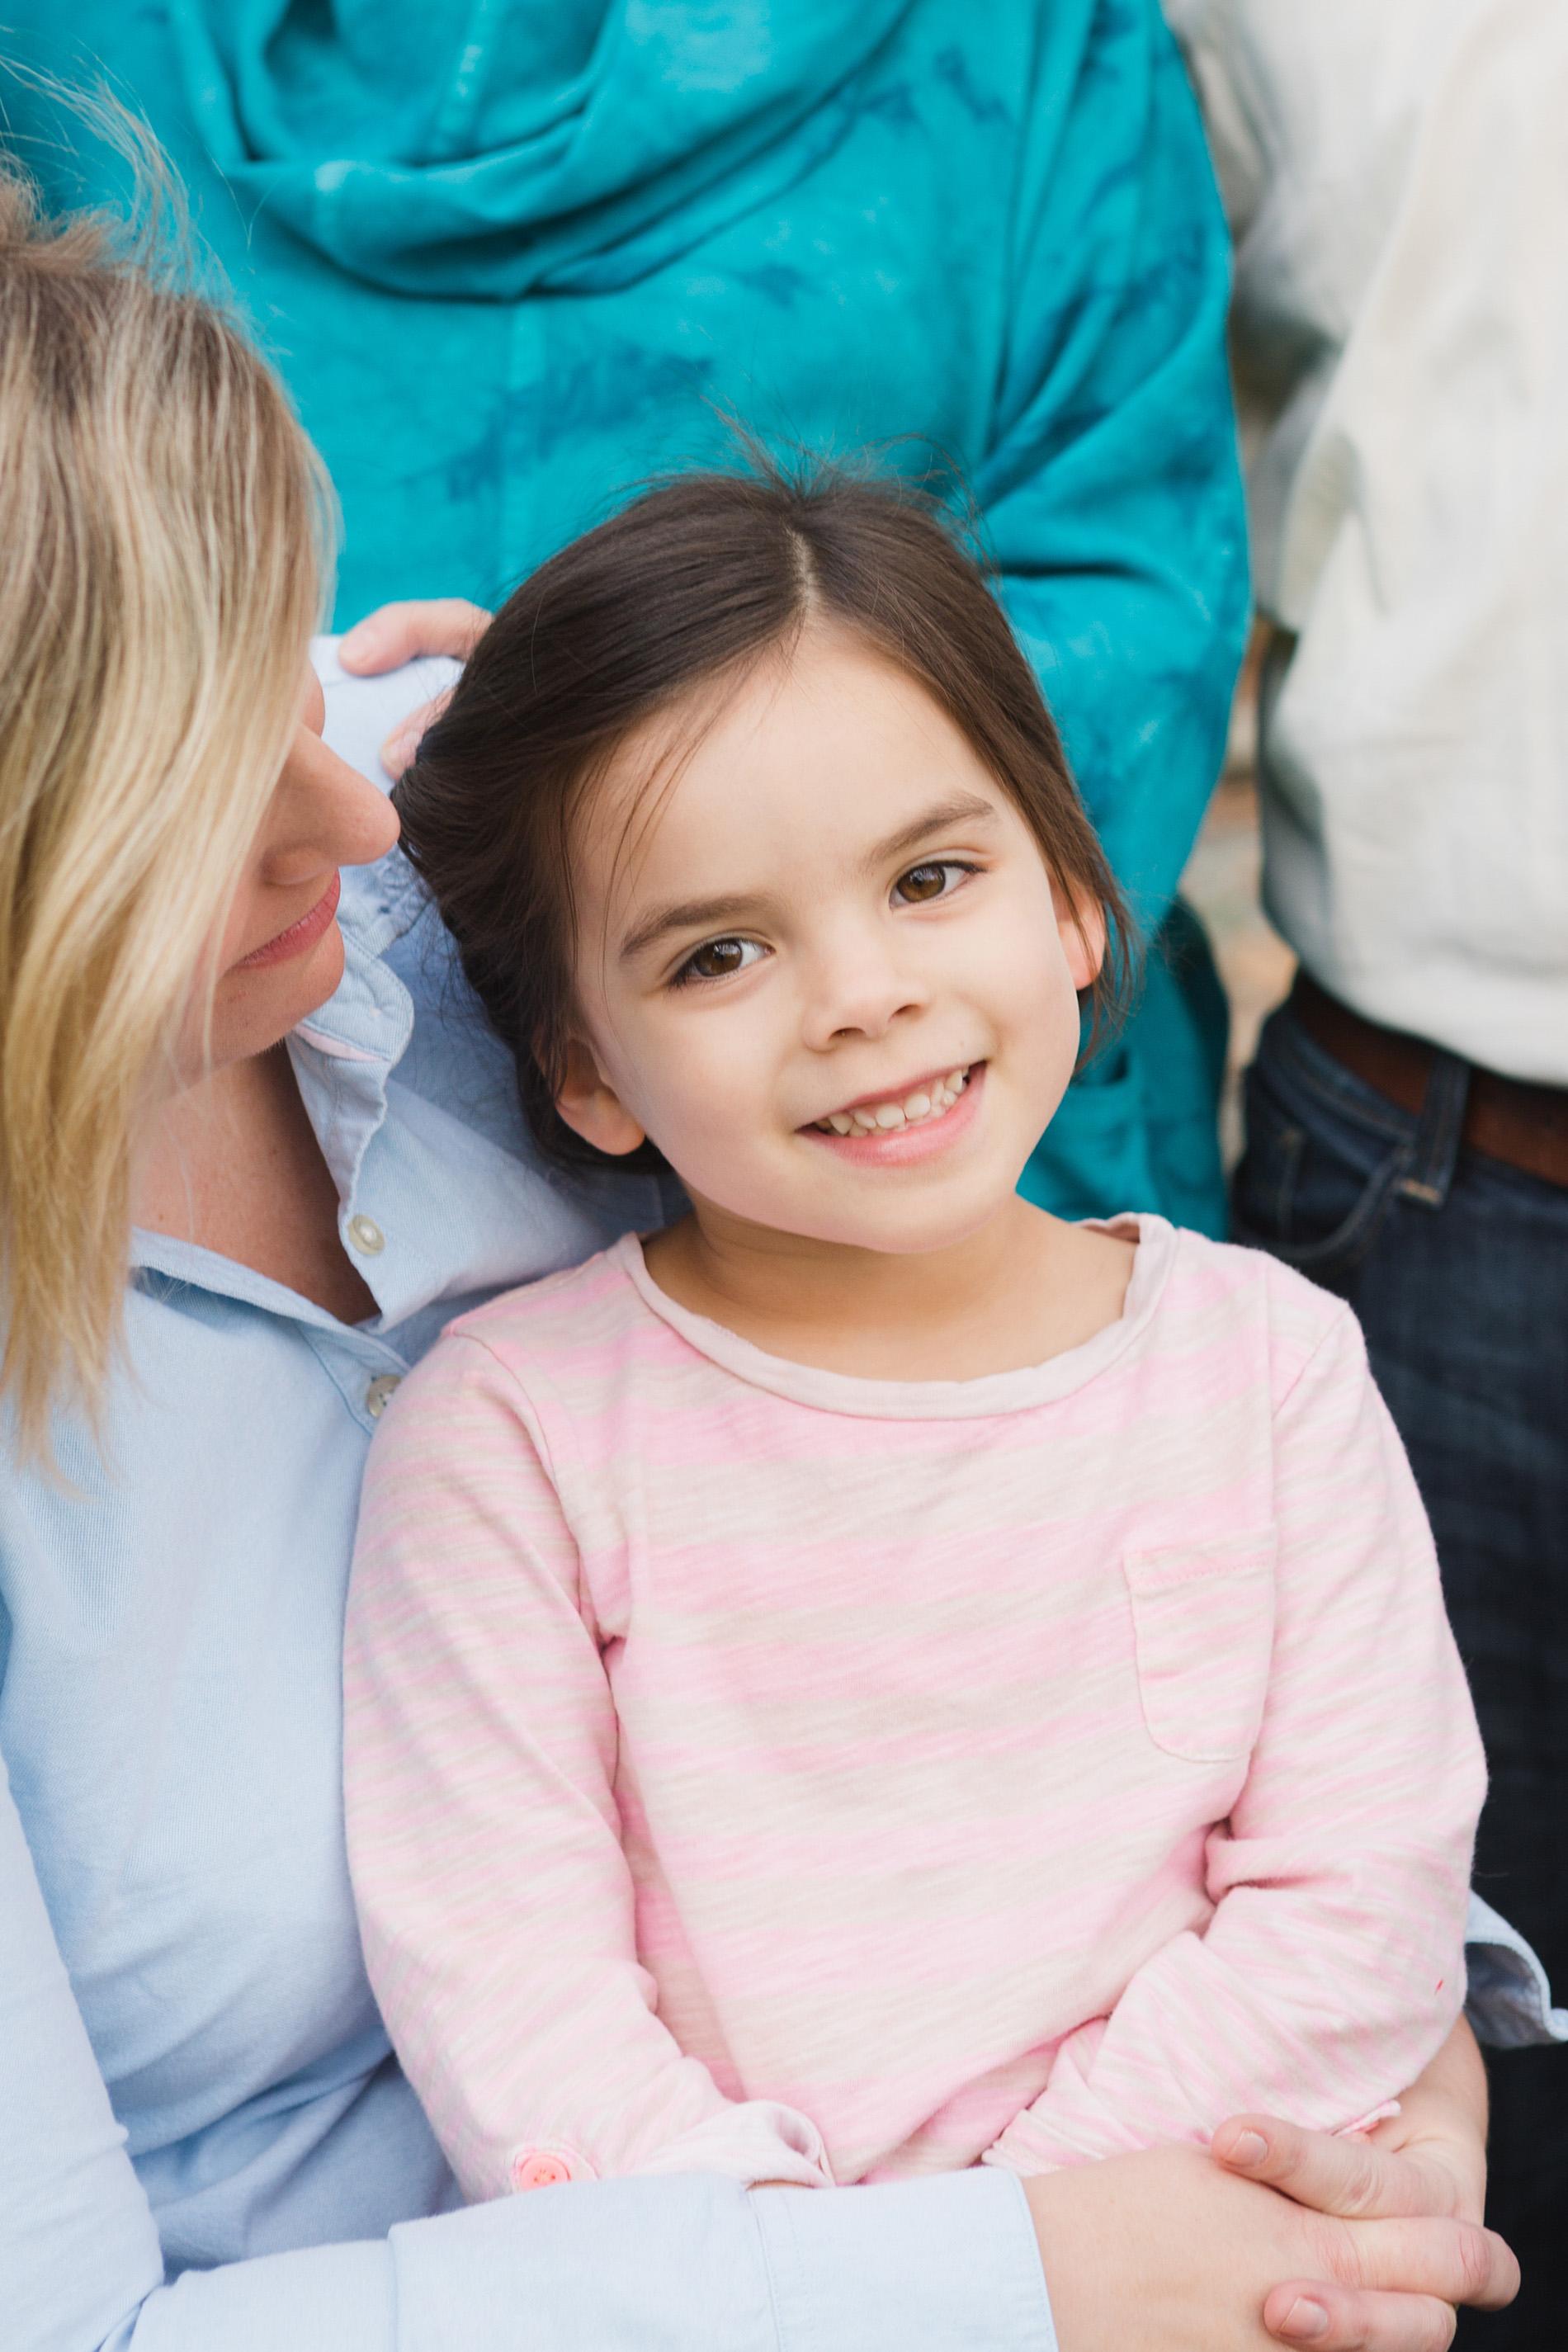 San Diego Family Photographer Christine Dammann Photography RF36